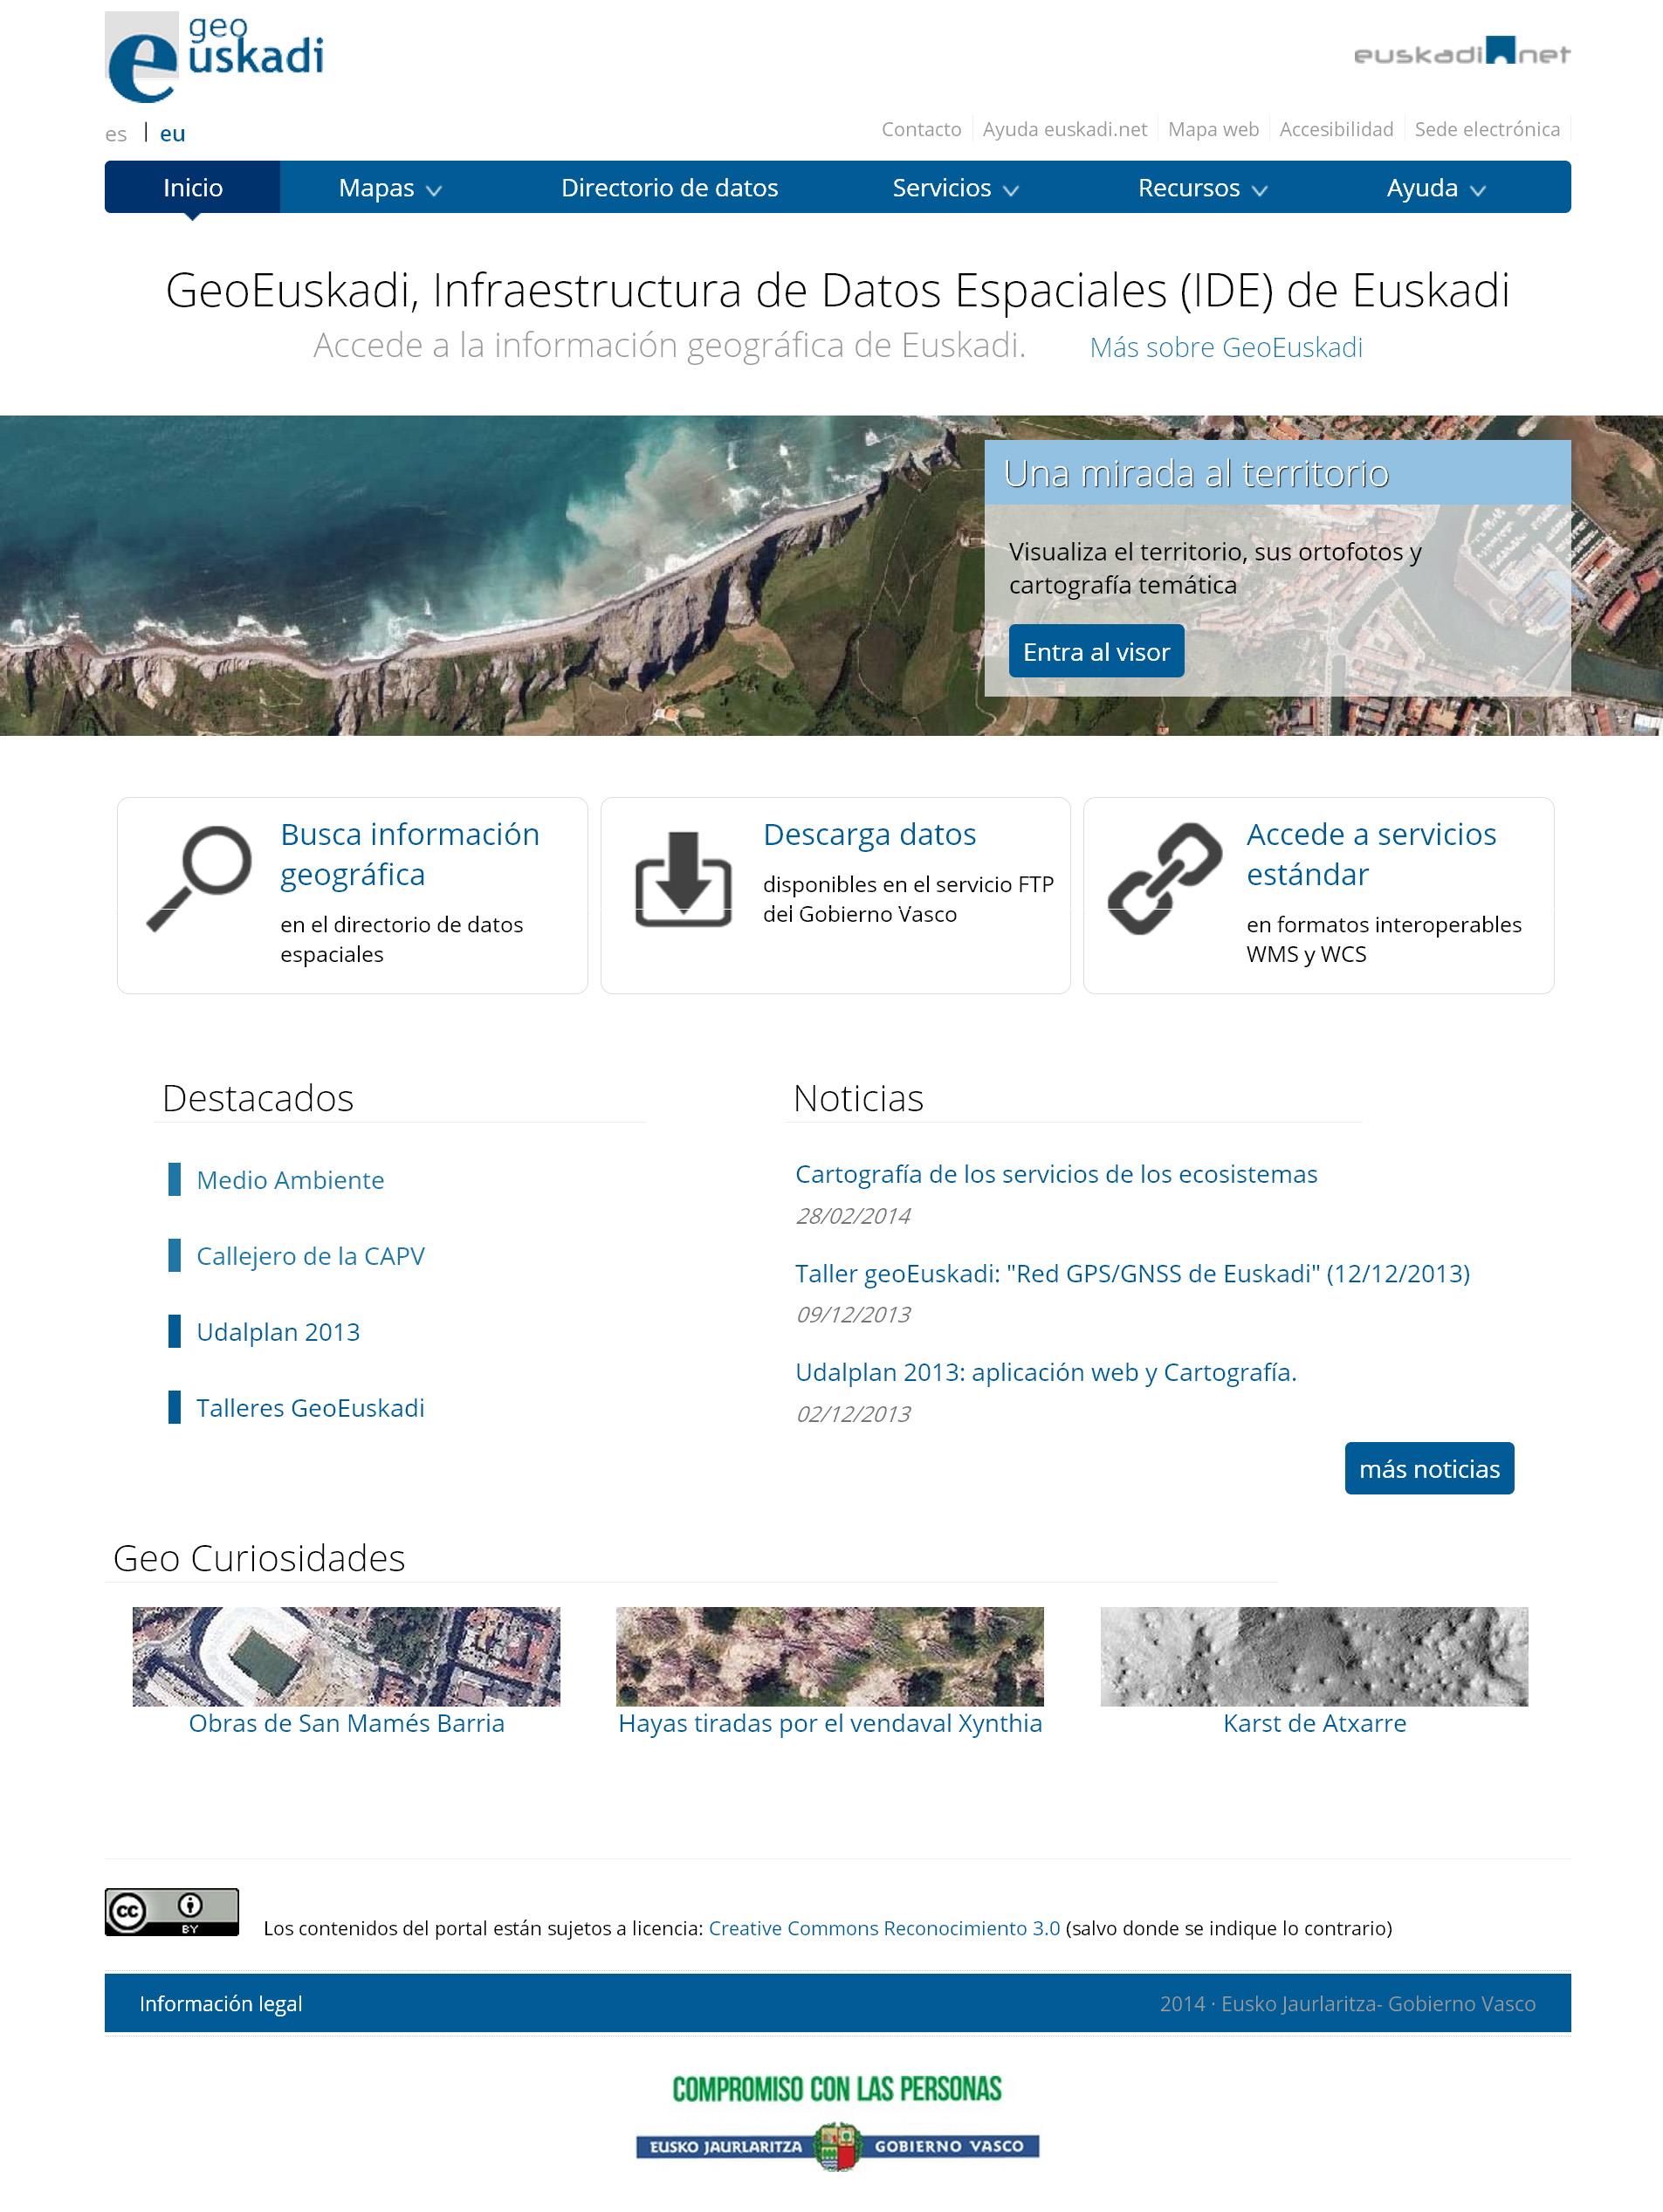 GeoEuskadi._Infraestuctura_de_datos_espaciales_-_IDE_Euskadi_copia.jpg